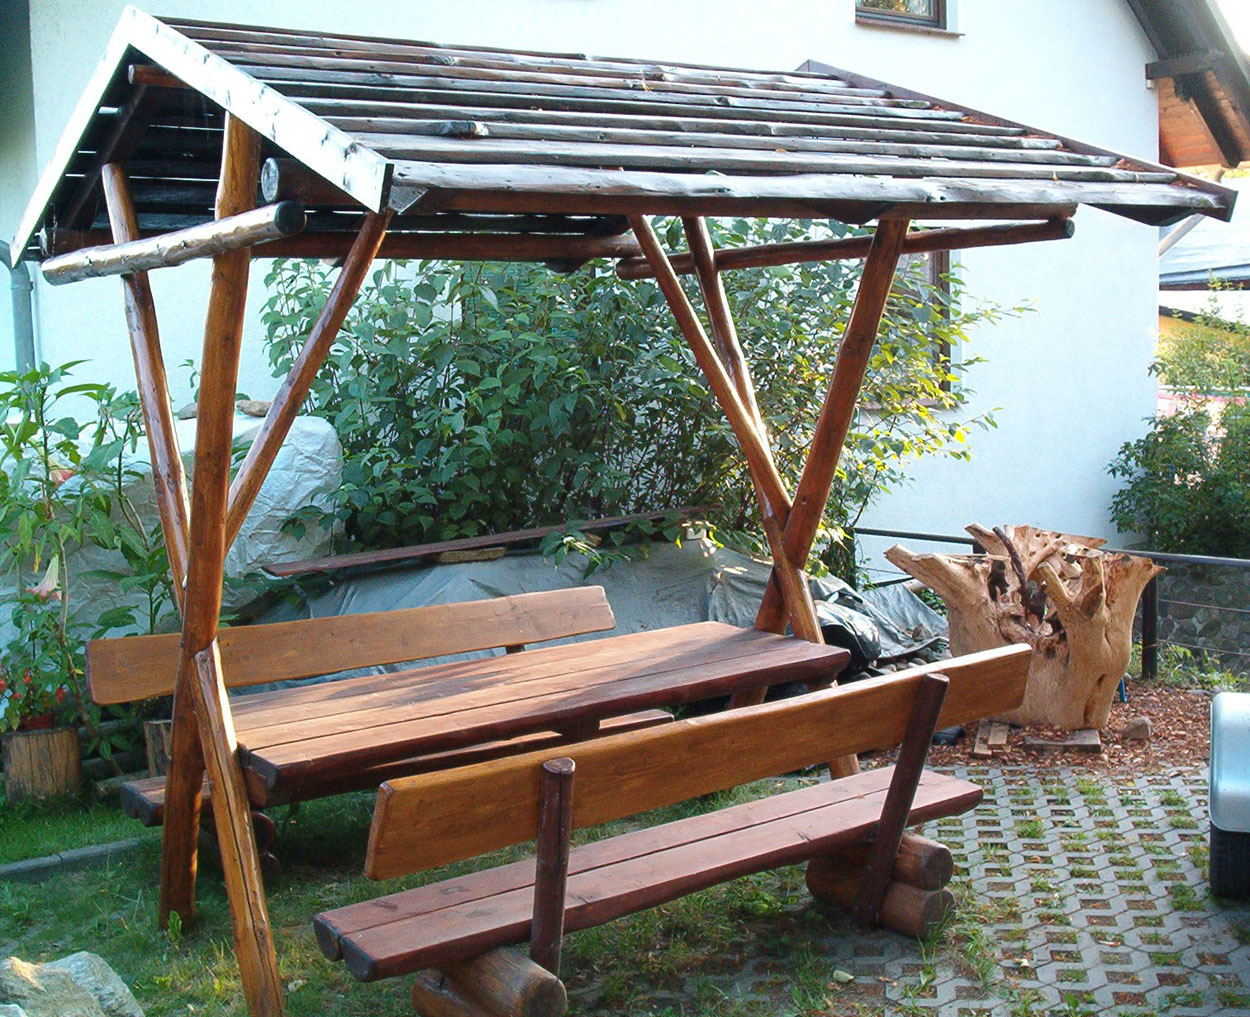 sitzgruppe mit dach satteldach holzbau bau abc rostrup gartenm bel aus holz sitzgruppe mit. Black Bedroom Furniture Sets. Home Design Ideas